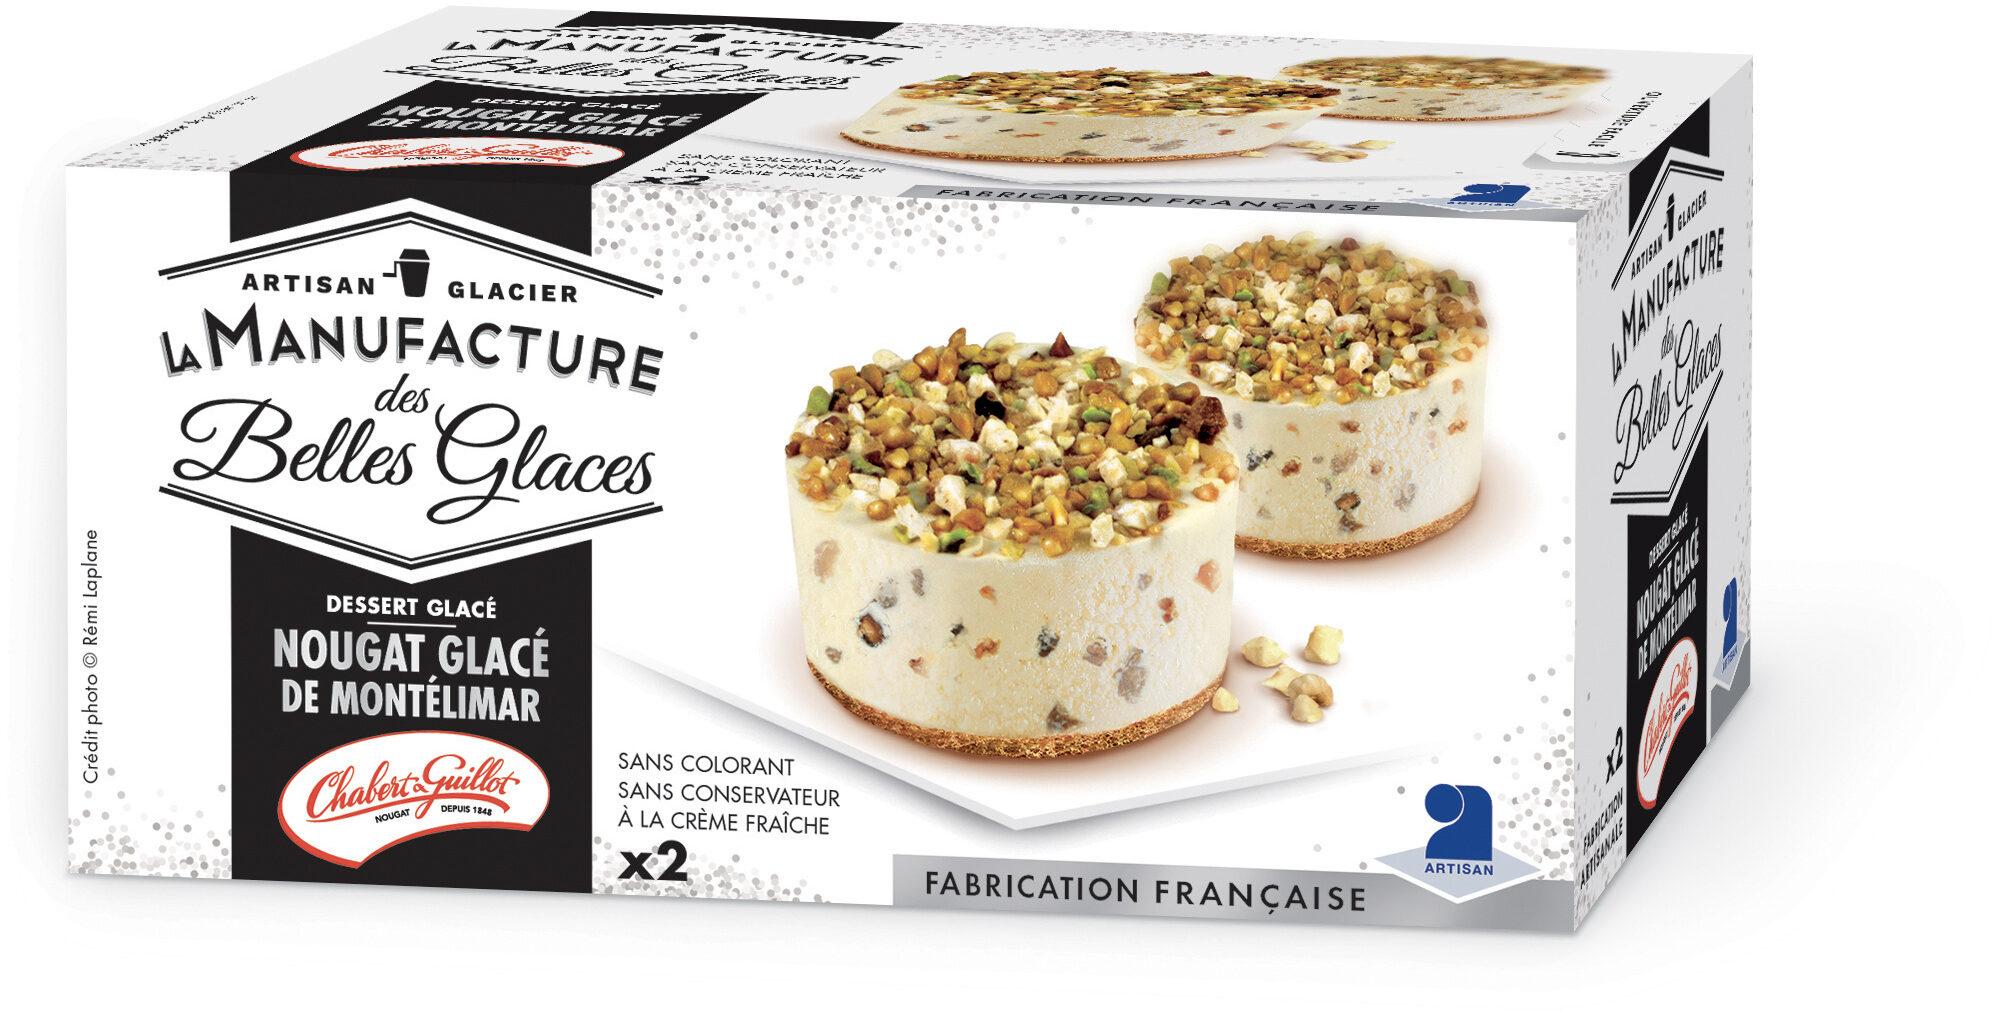 Desserts glacés individuels au nougat - Produit - fr